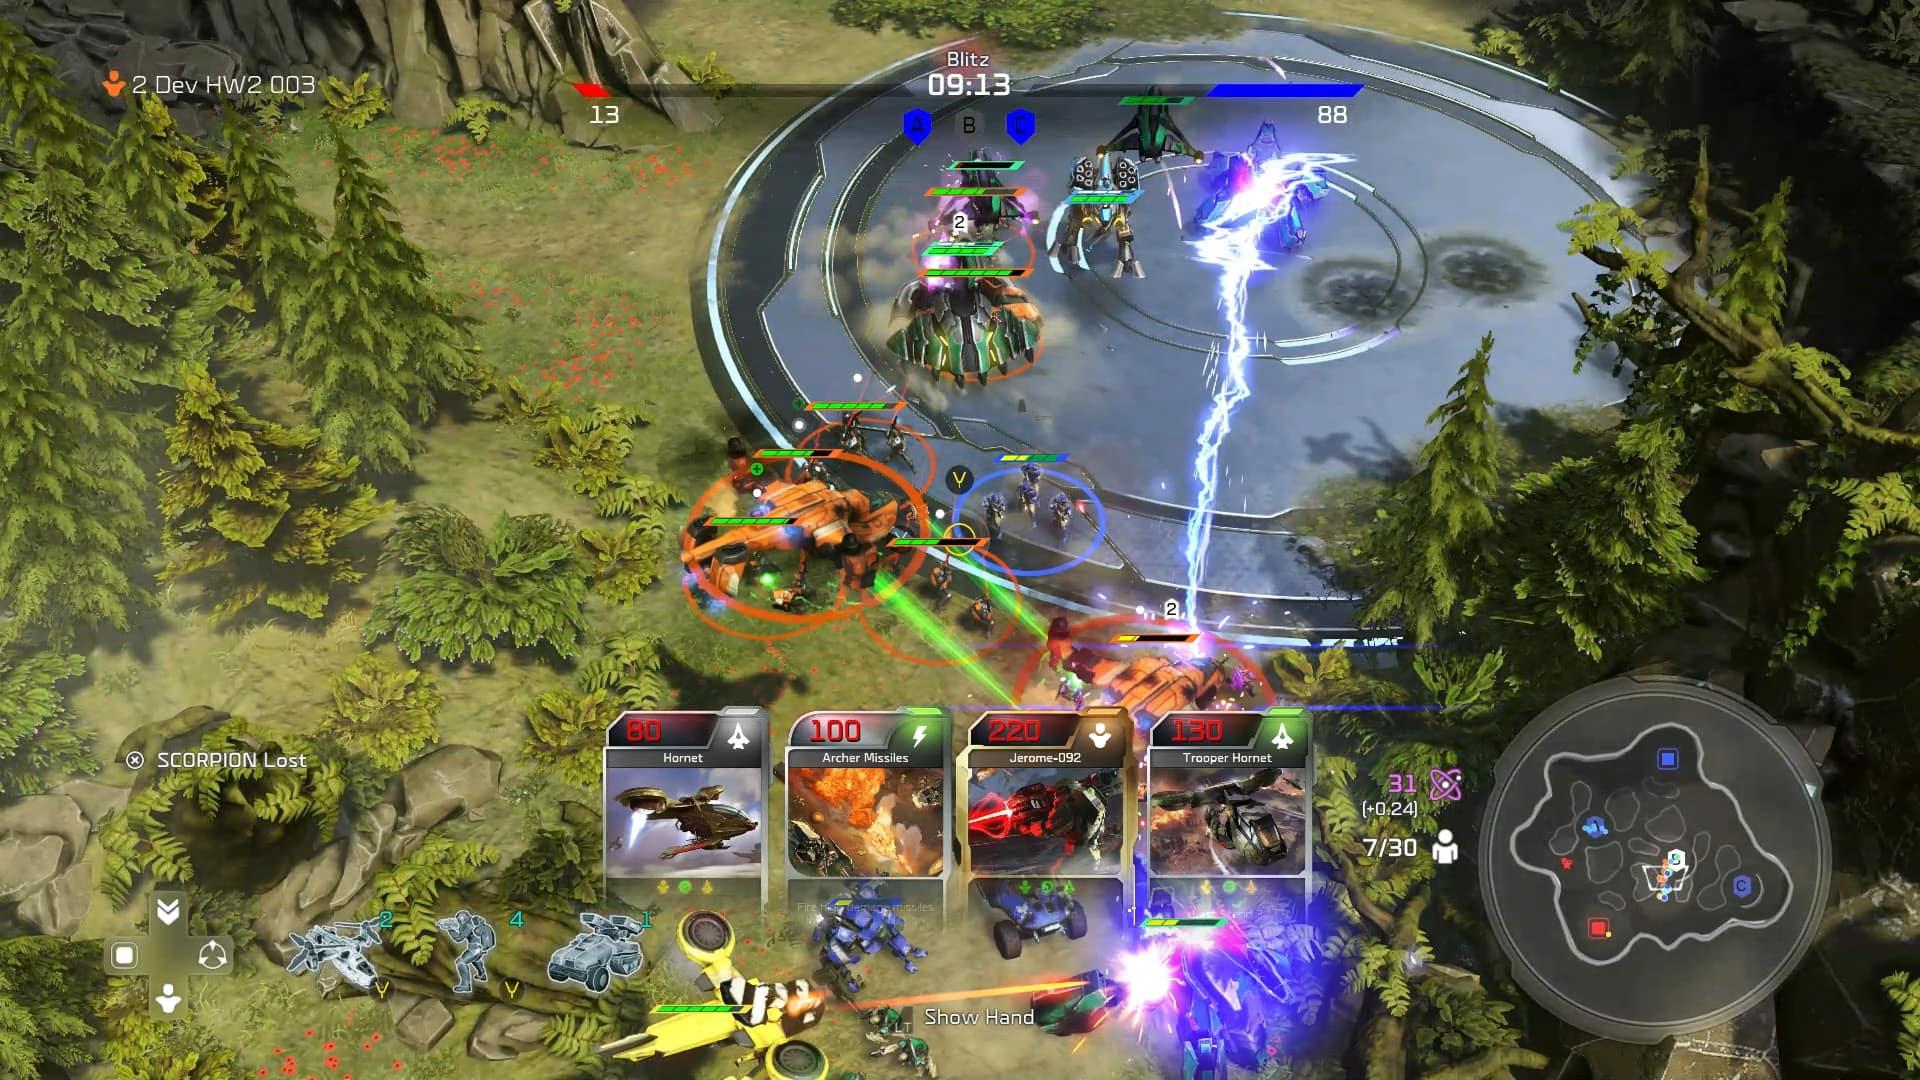 Impresiones de Halo Wars 2